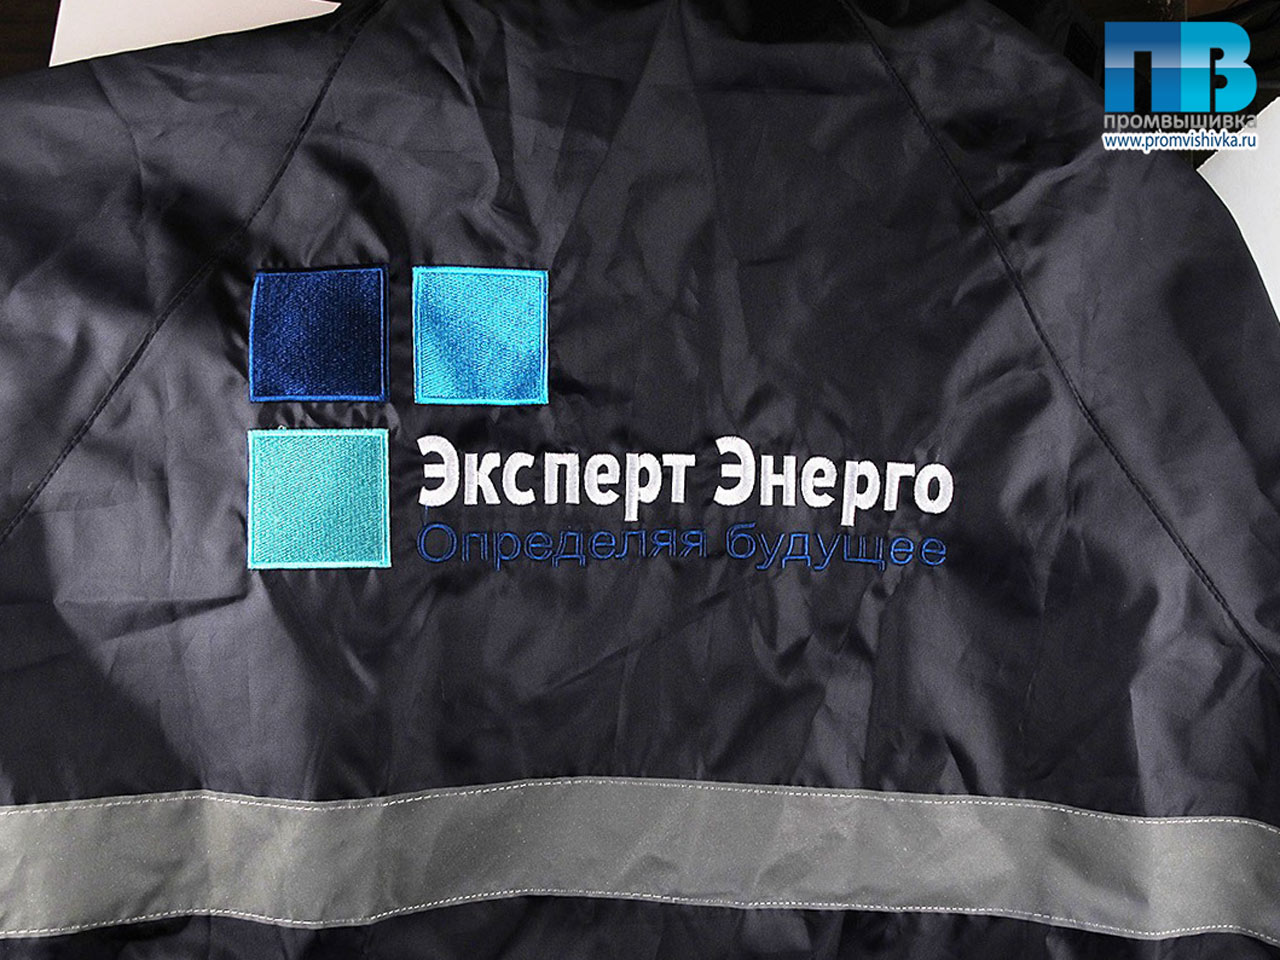 Вышивка логотипа на спецодежде спб